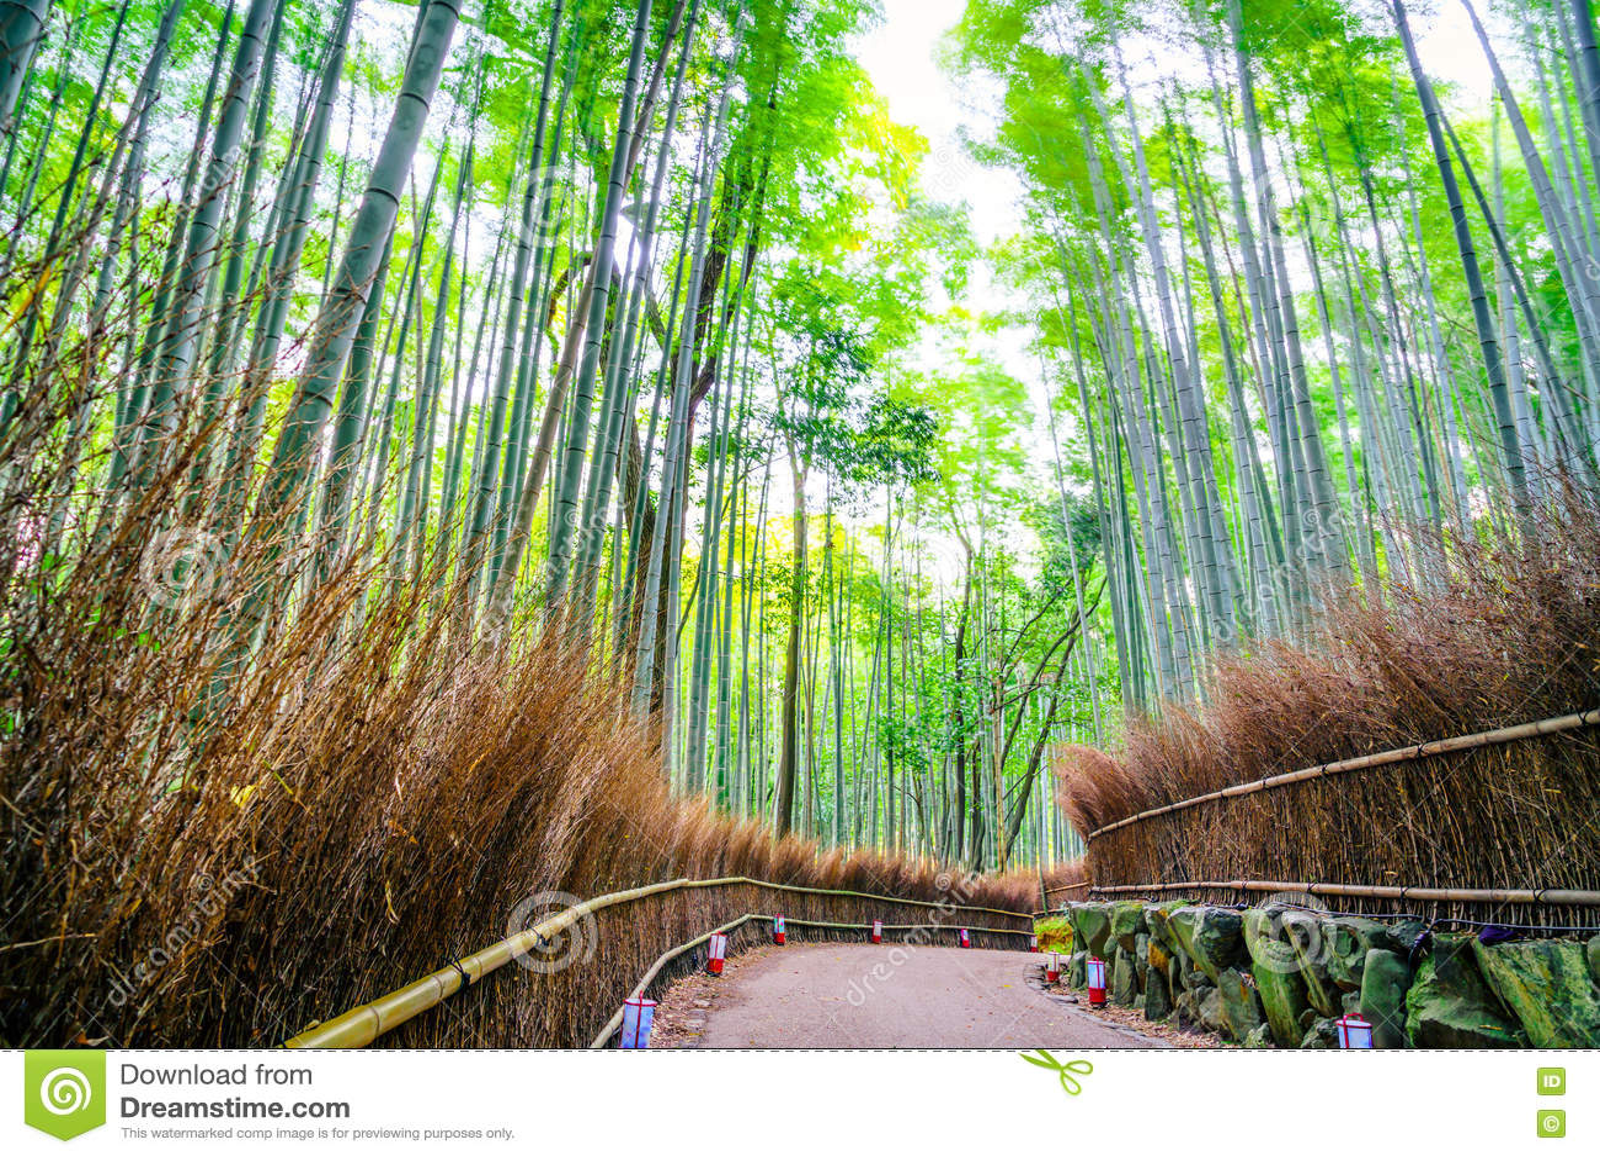 Download Bamboo пуща в Японии стоковое фото. изображение насчитывающей японско - 72297634